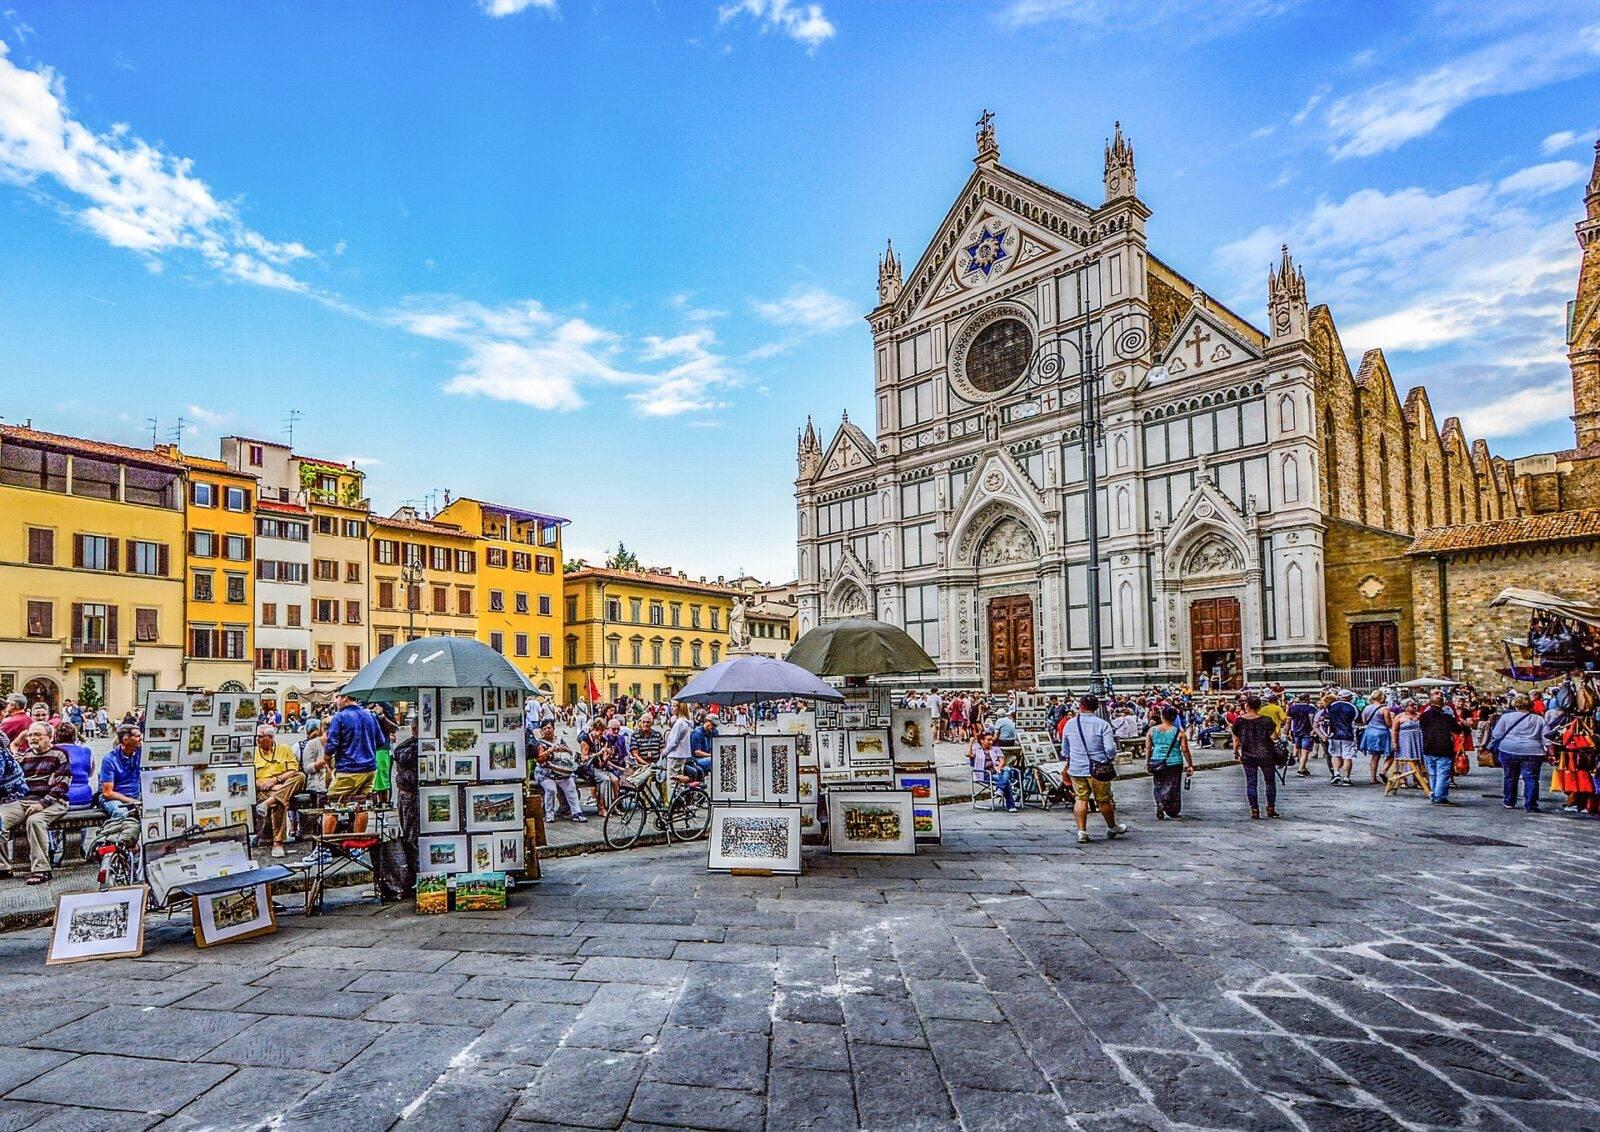 Италия достопримечательности кратко: топ-25 лучших мест